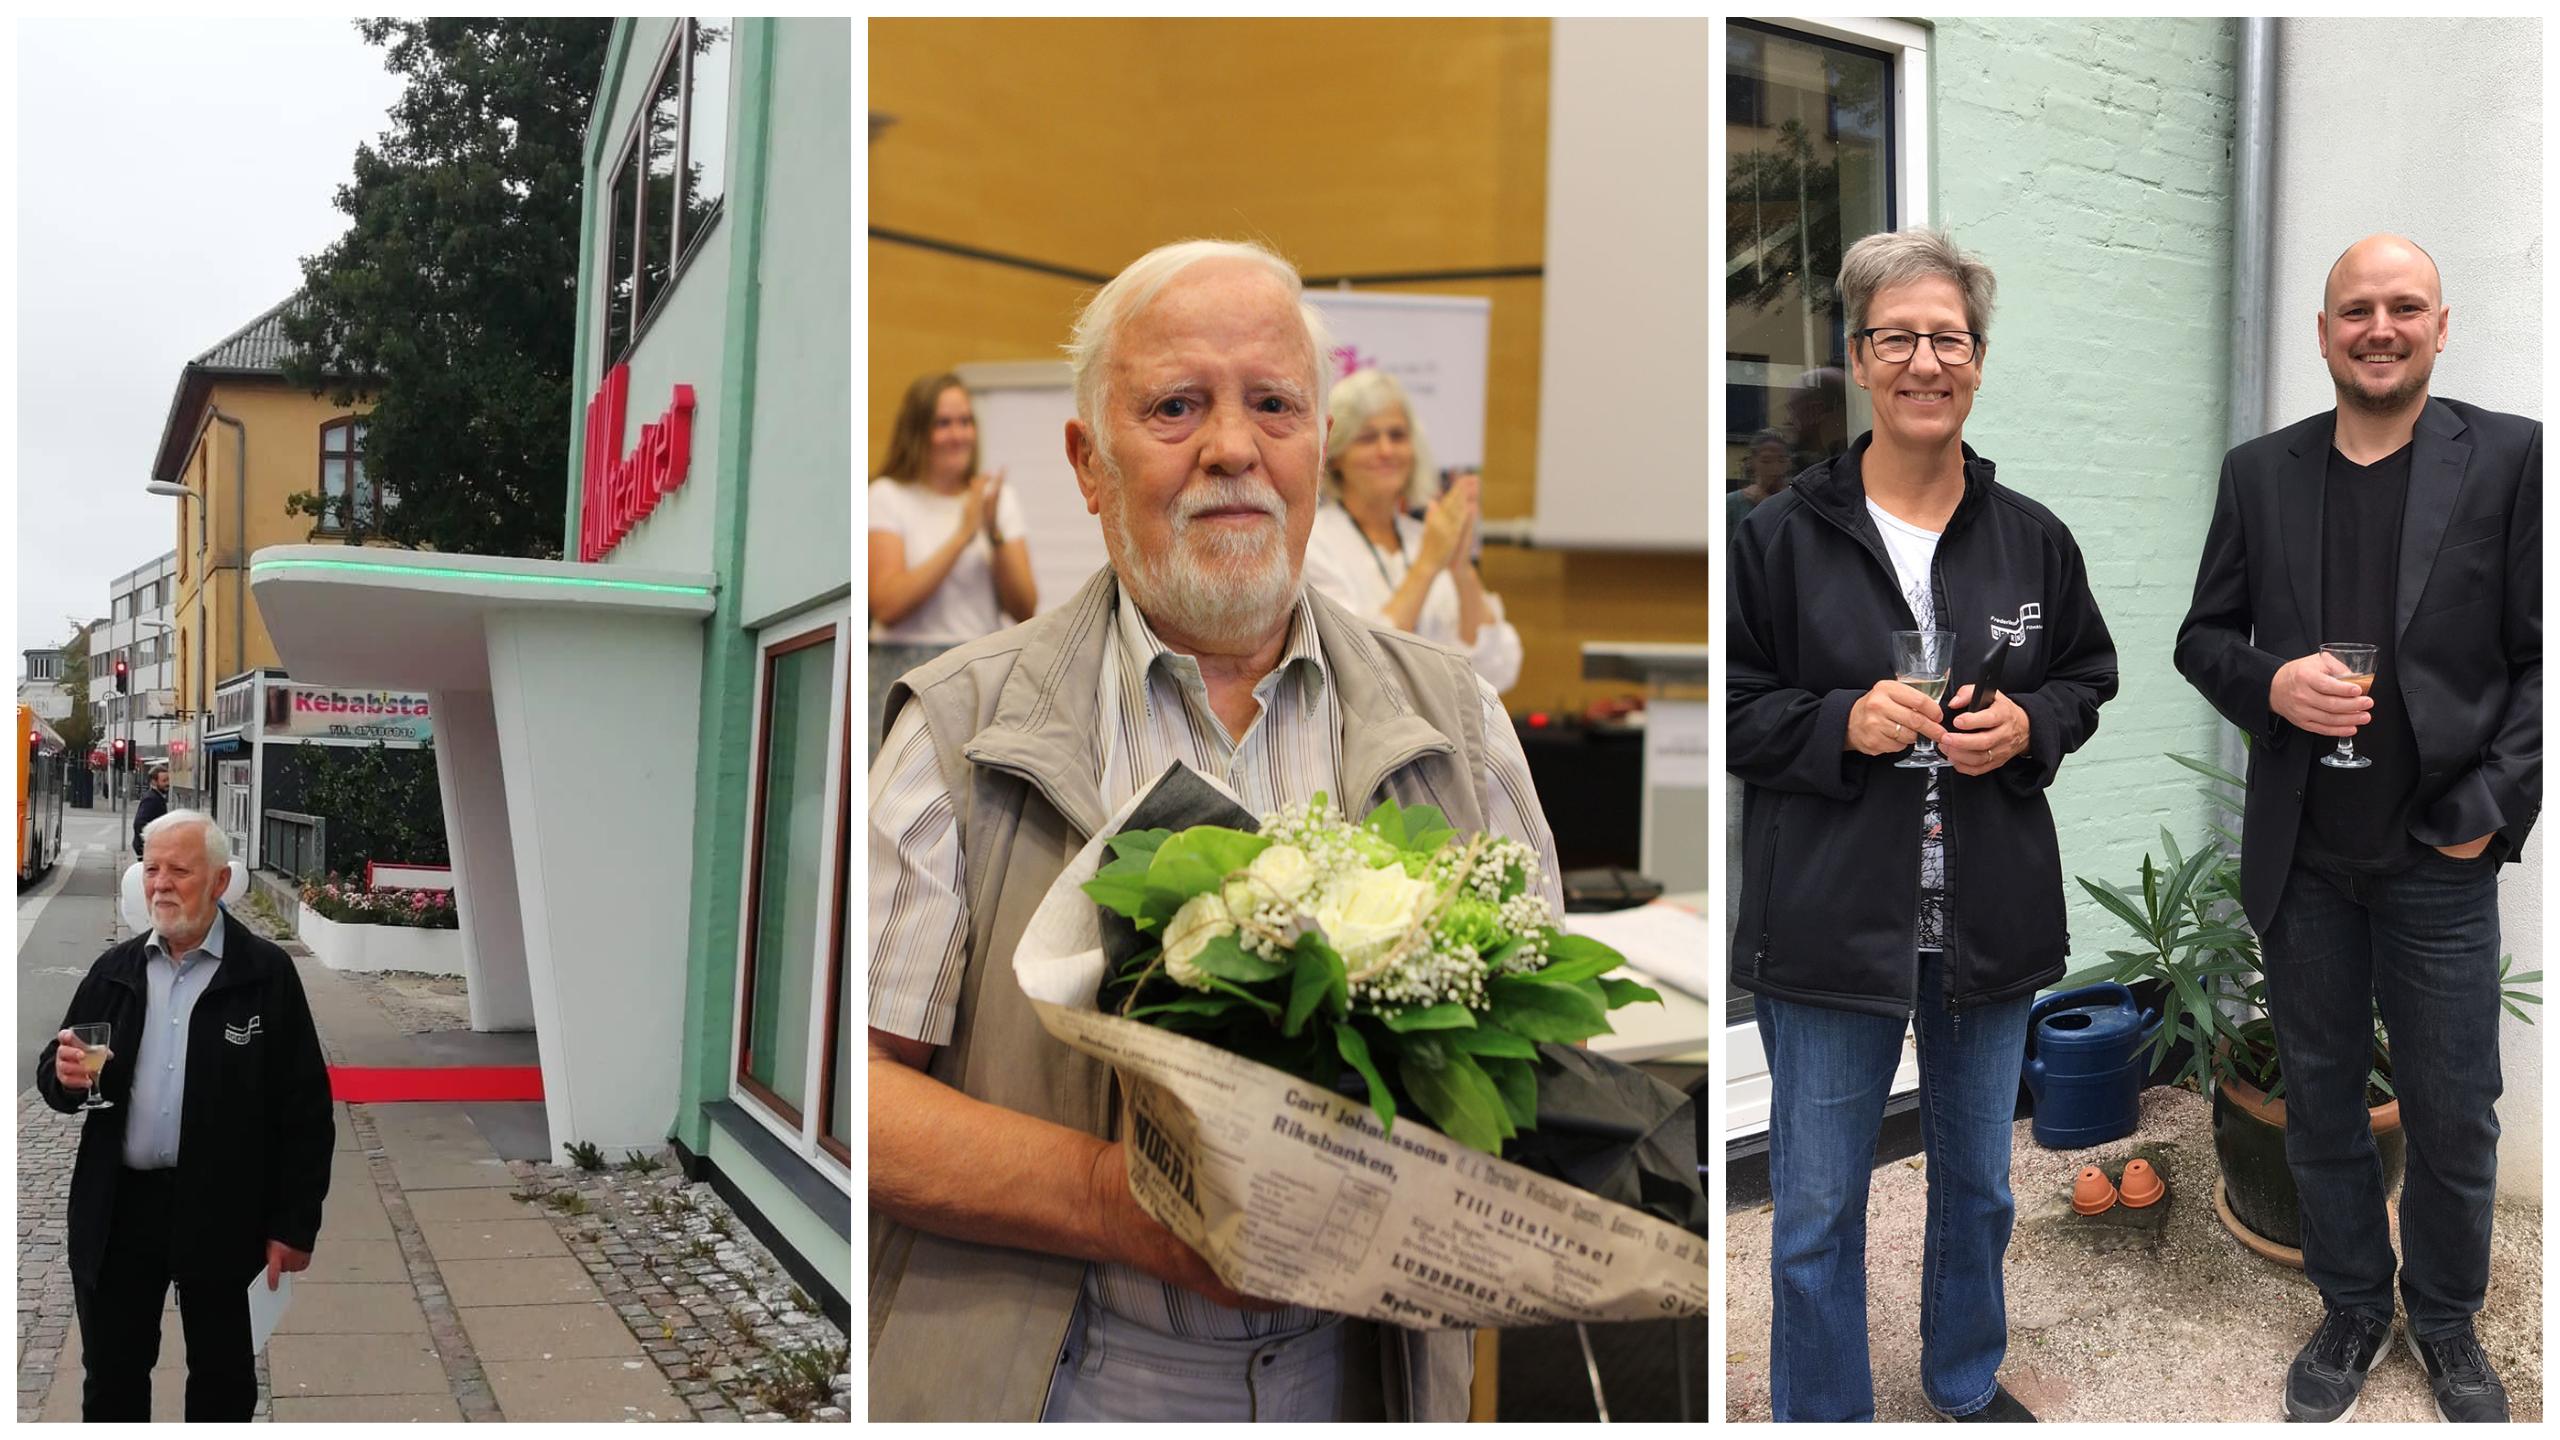 En gigant i børnefilmklubarbejdet – Frederikssund Filmklub for Børn og Unge fylder 50 og klubbens stifter Jørgen Wagner 80 år